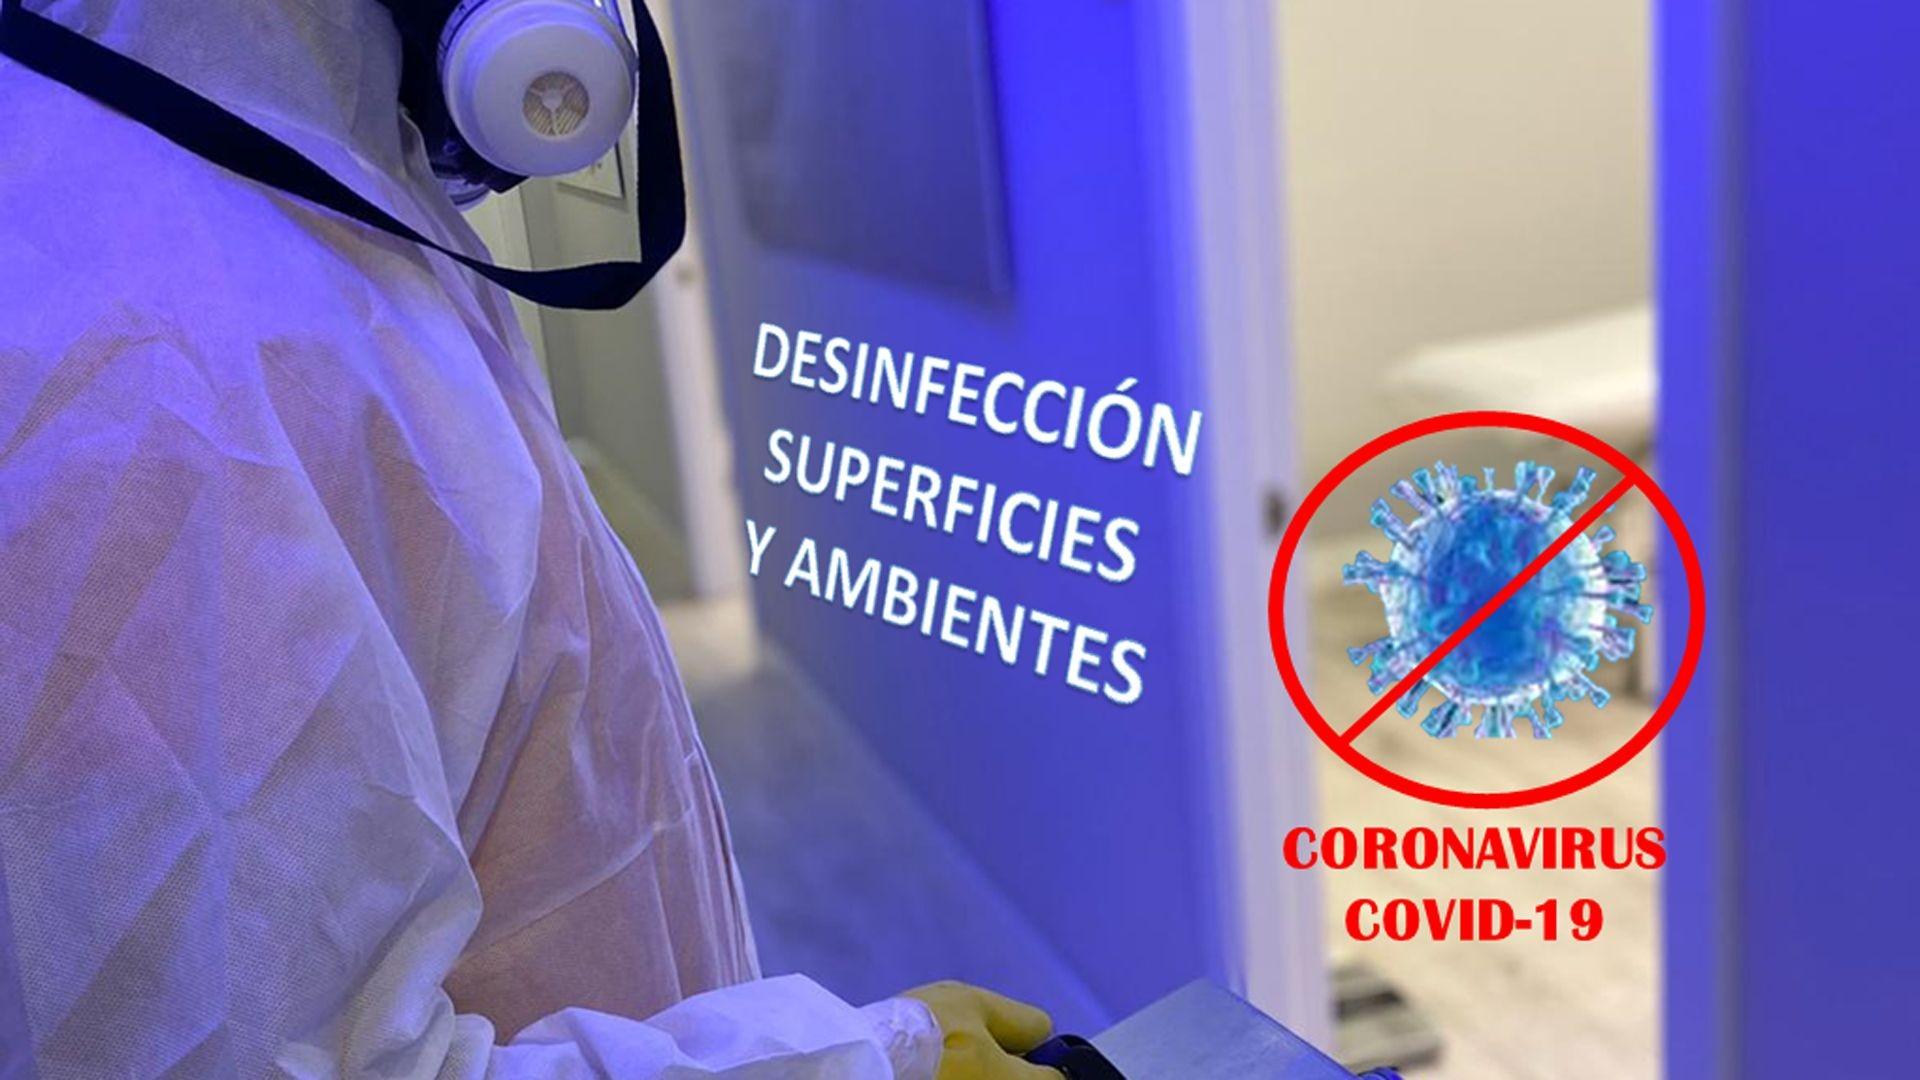 Desinfección de coronavirus en Madrid